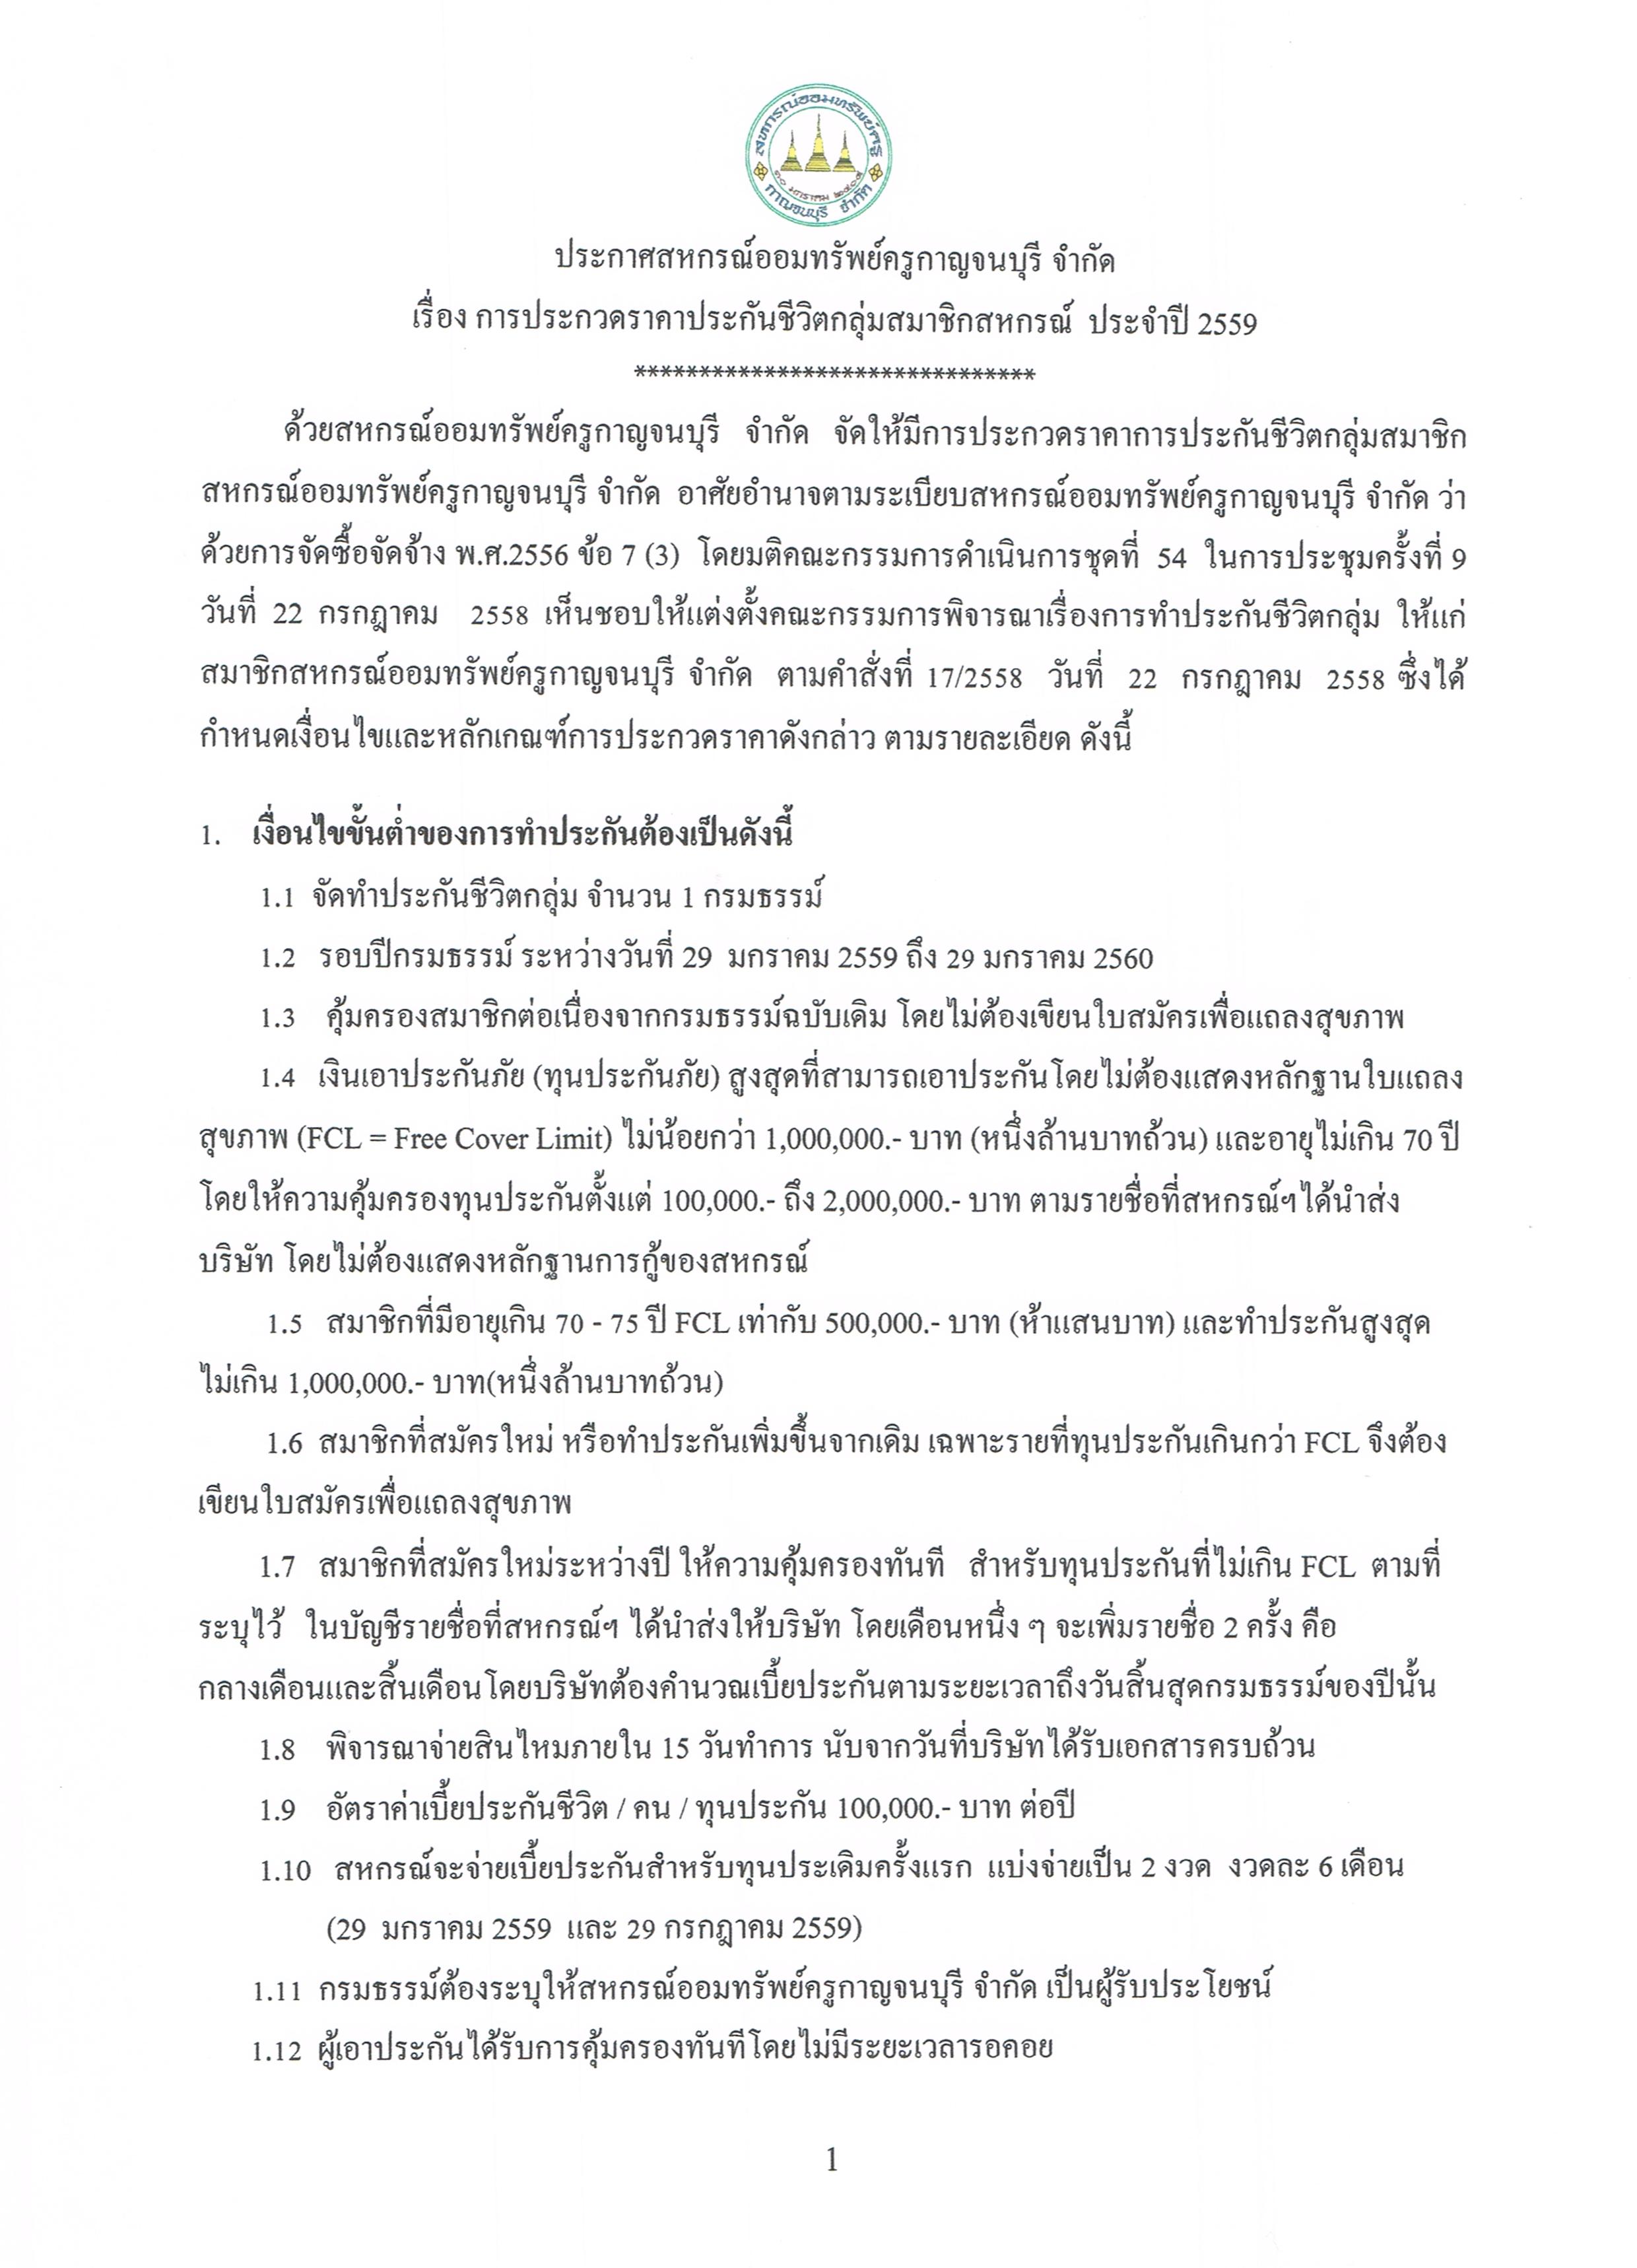 ประกาศ เรื่องการประกวดราคาประกันชีวิตกลุ่มสมาชิก ประจำปี2559